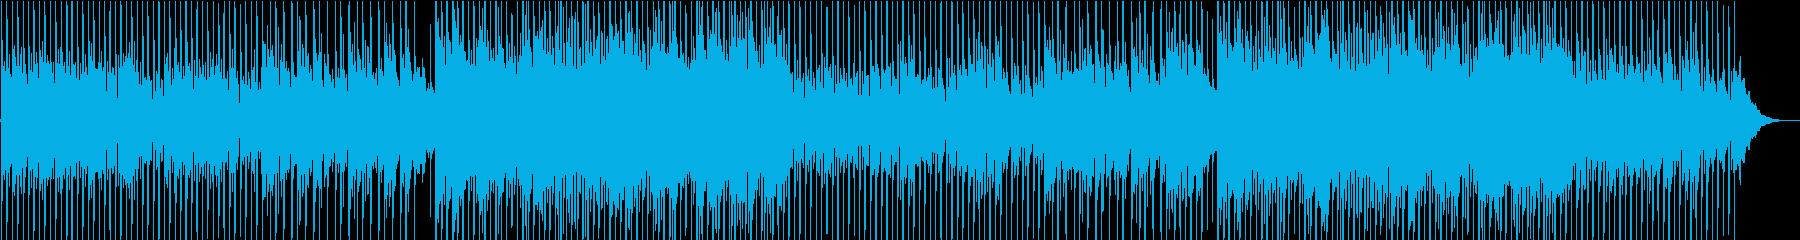 生アコギの優しく穏やかなメロディの再生済みの波形